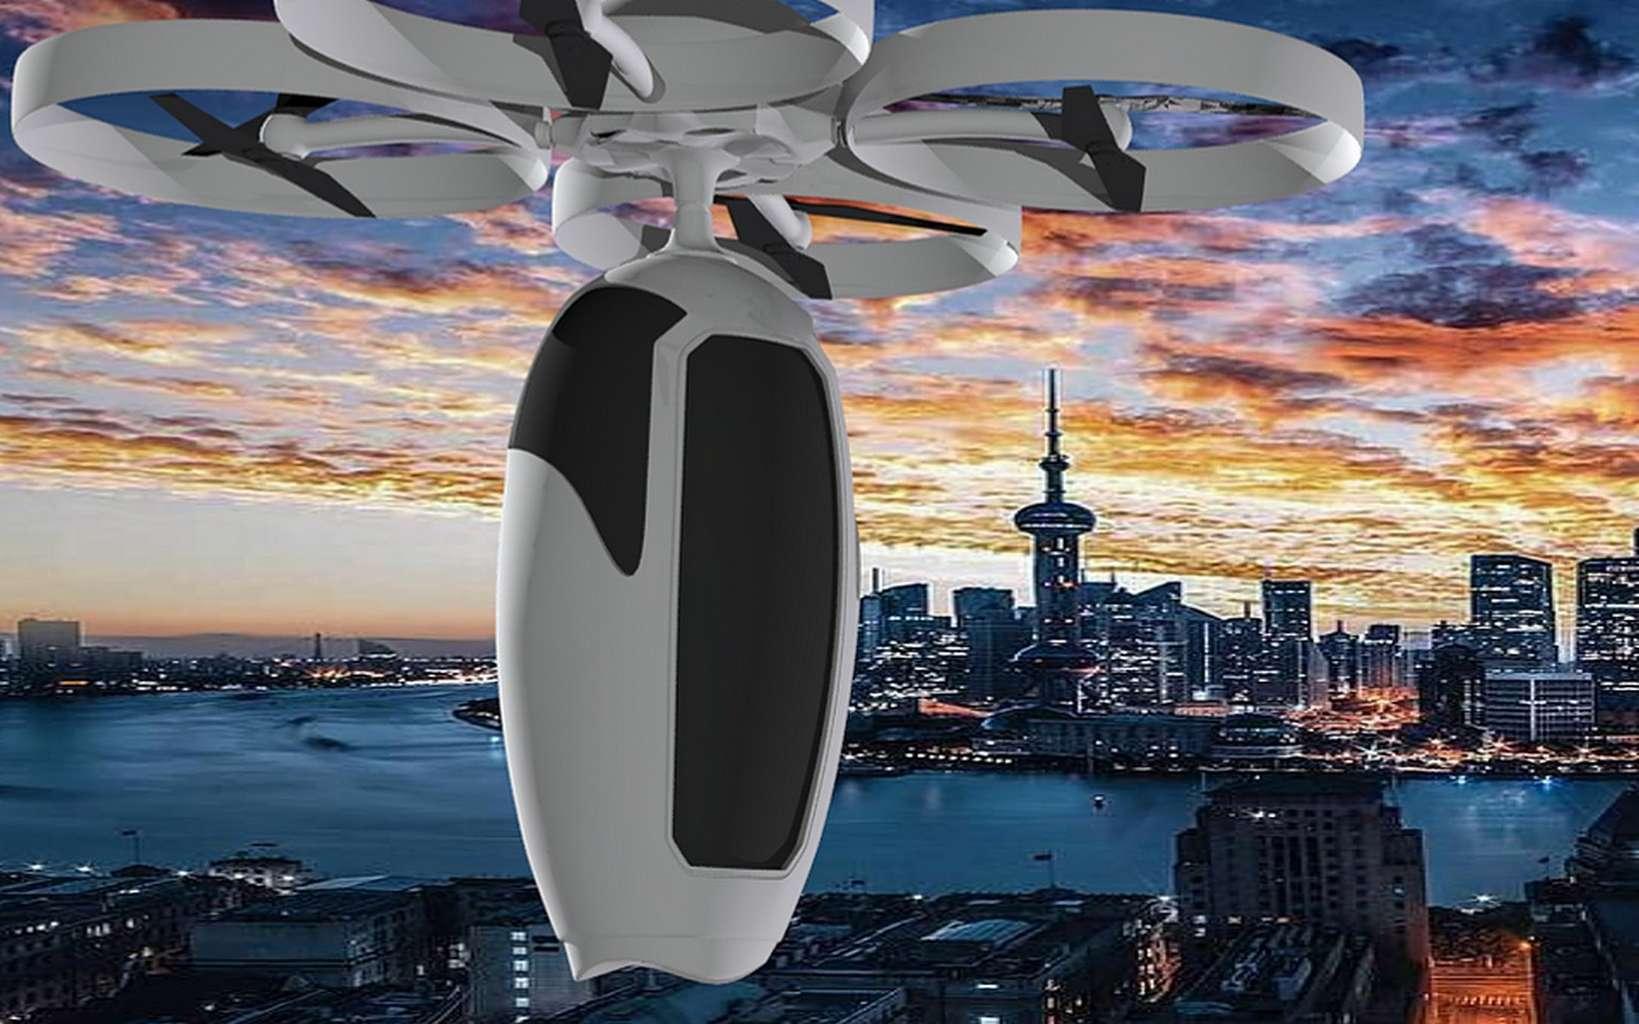 La capsule volante Caps pourrait évoluer à 150-300 mètre d'altitude. © Caps